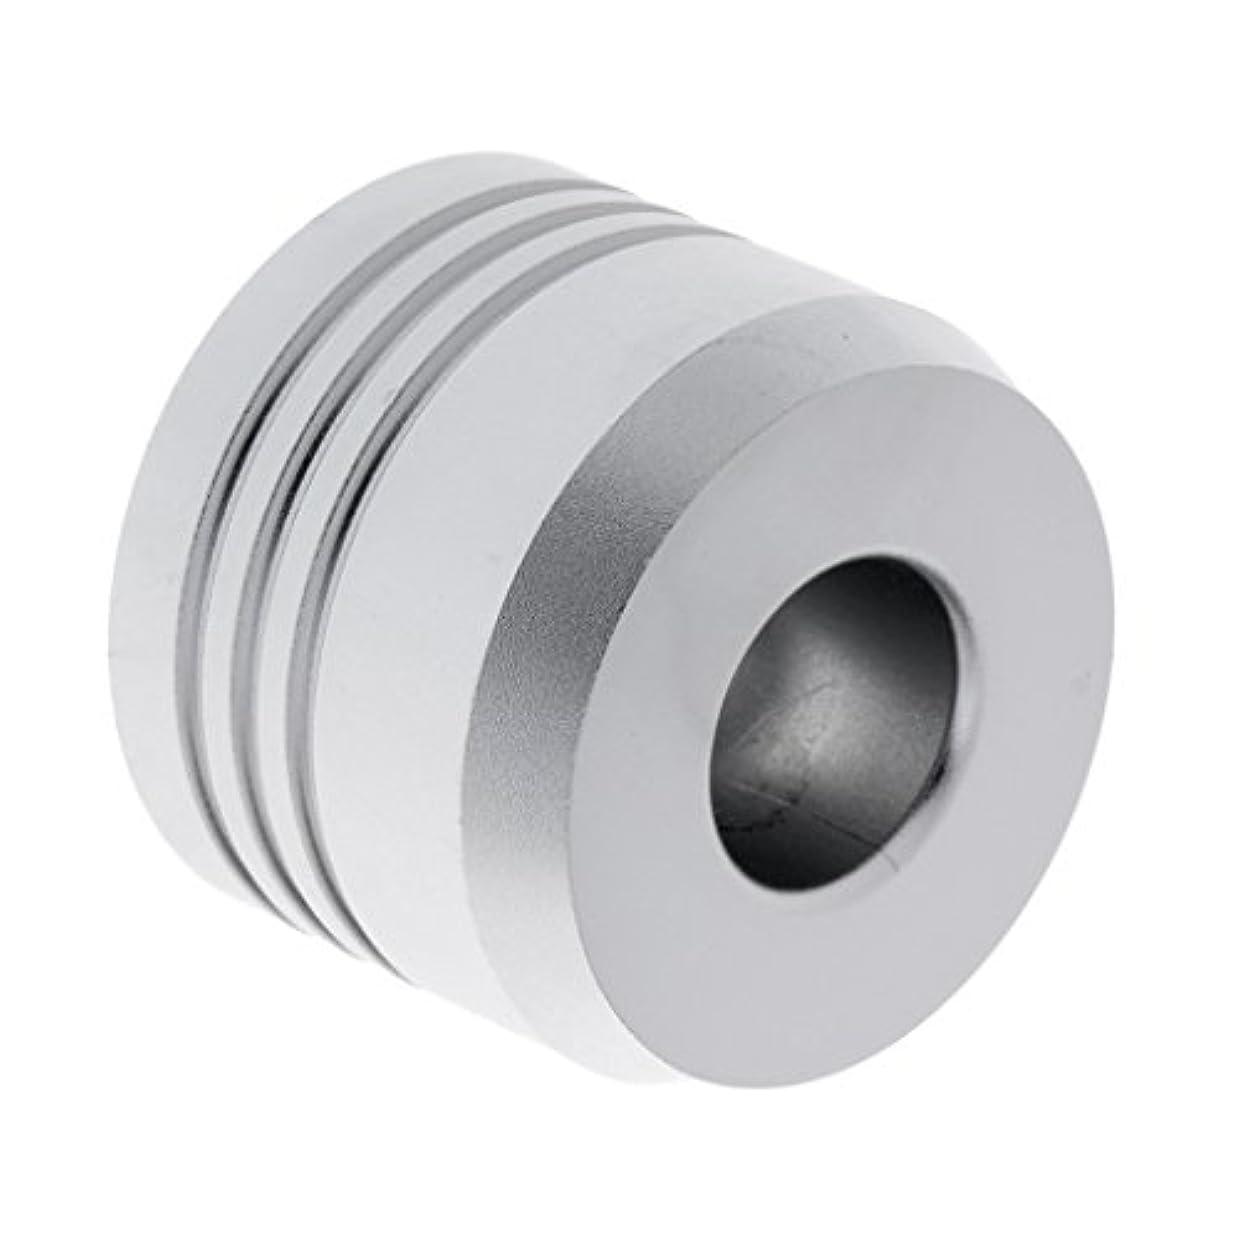 イチゴ殺人爆発セーフティカミソリスタンド スタンド メンズ シェービング カミソリホルダー サポート 調節可能 シェーバーベース 2色選べ - 銀